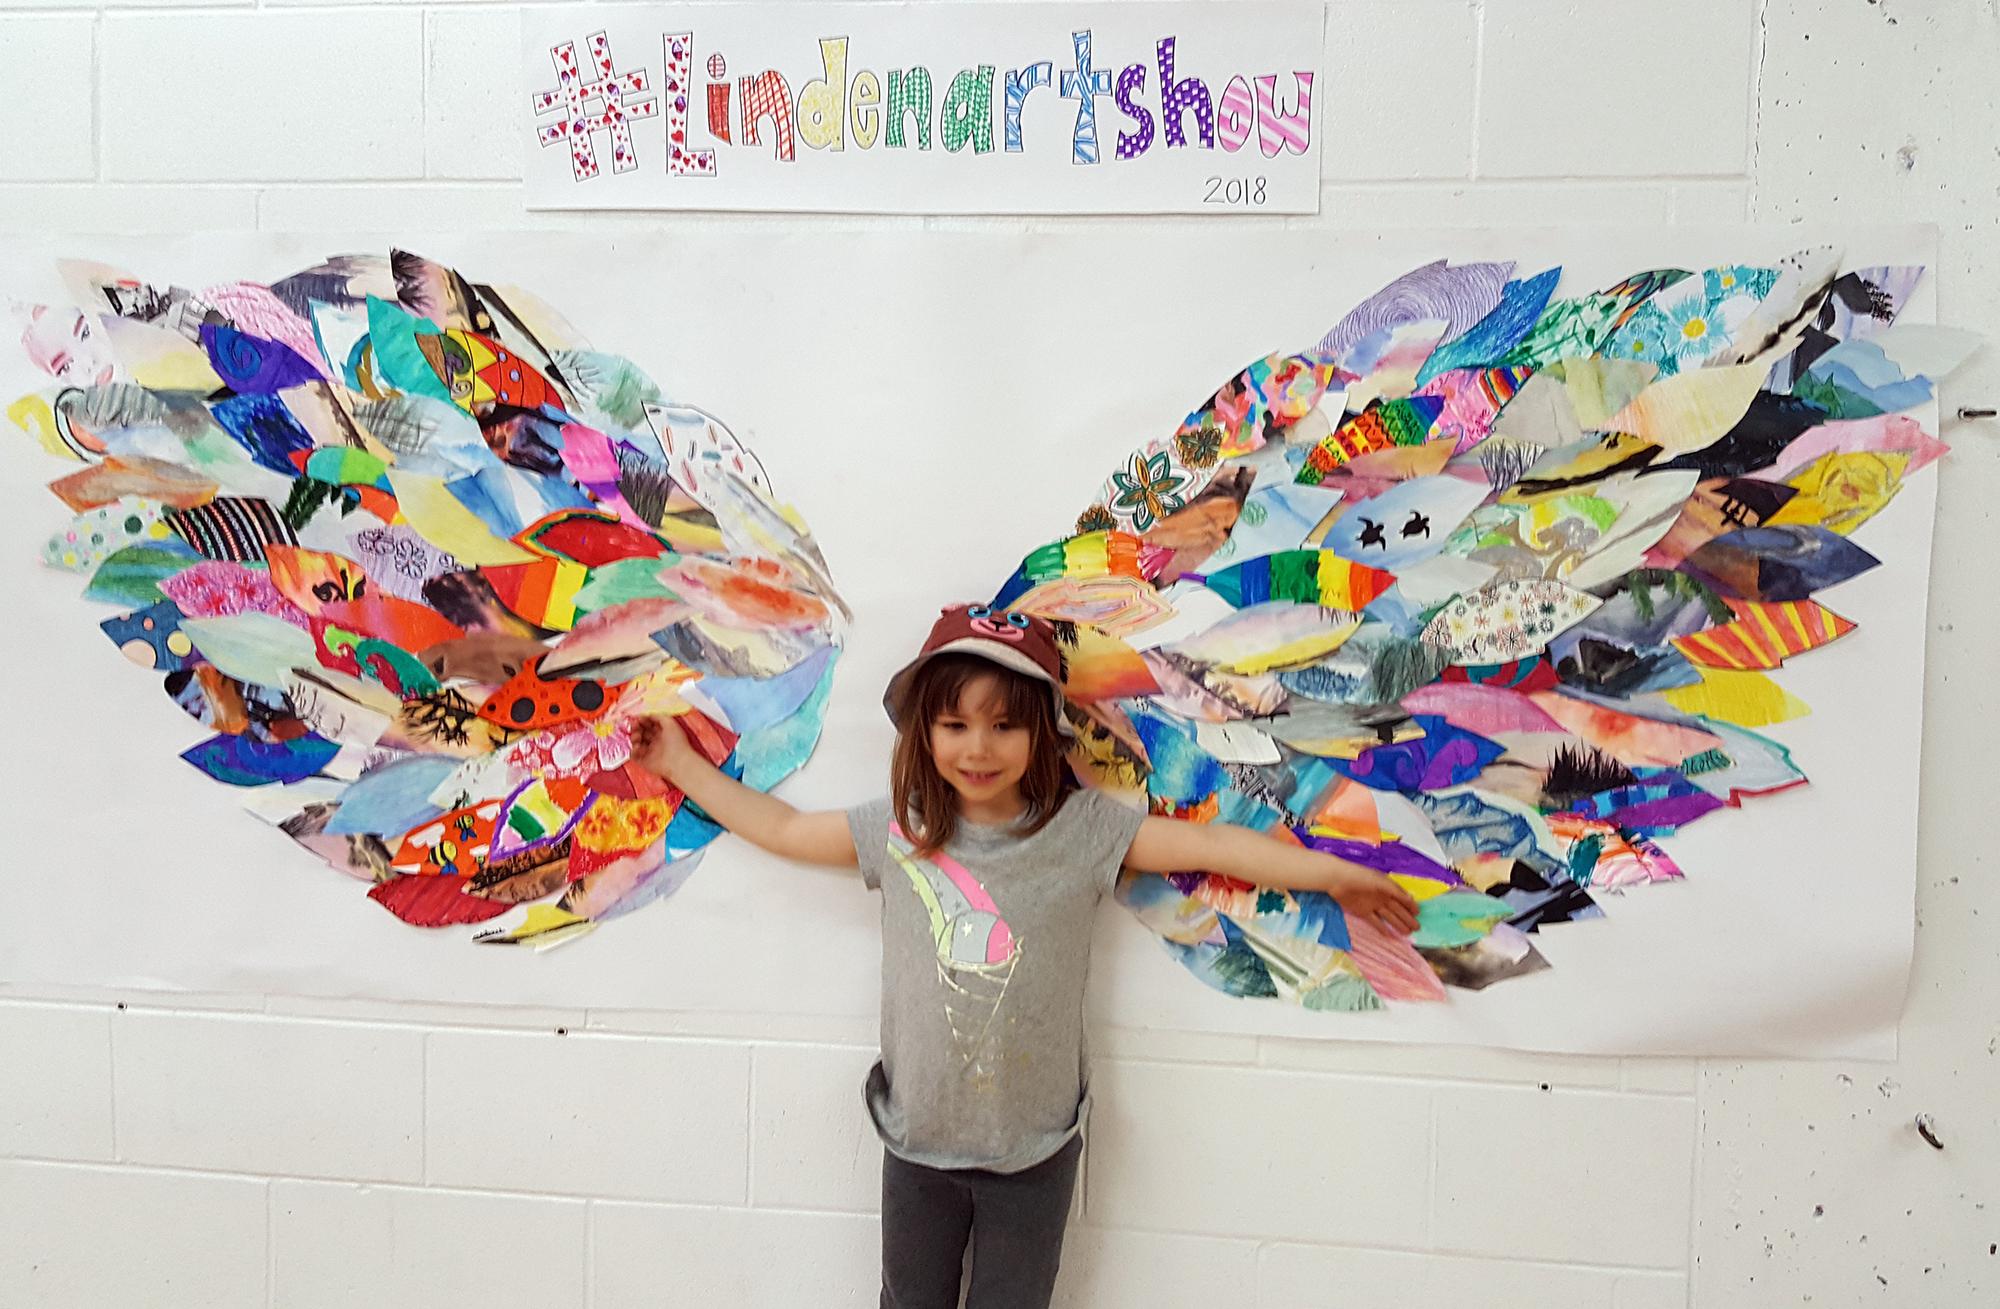 ArtShow_2018_wings.jpg